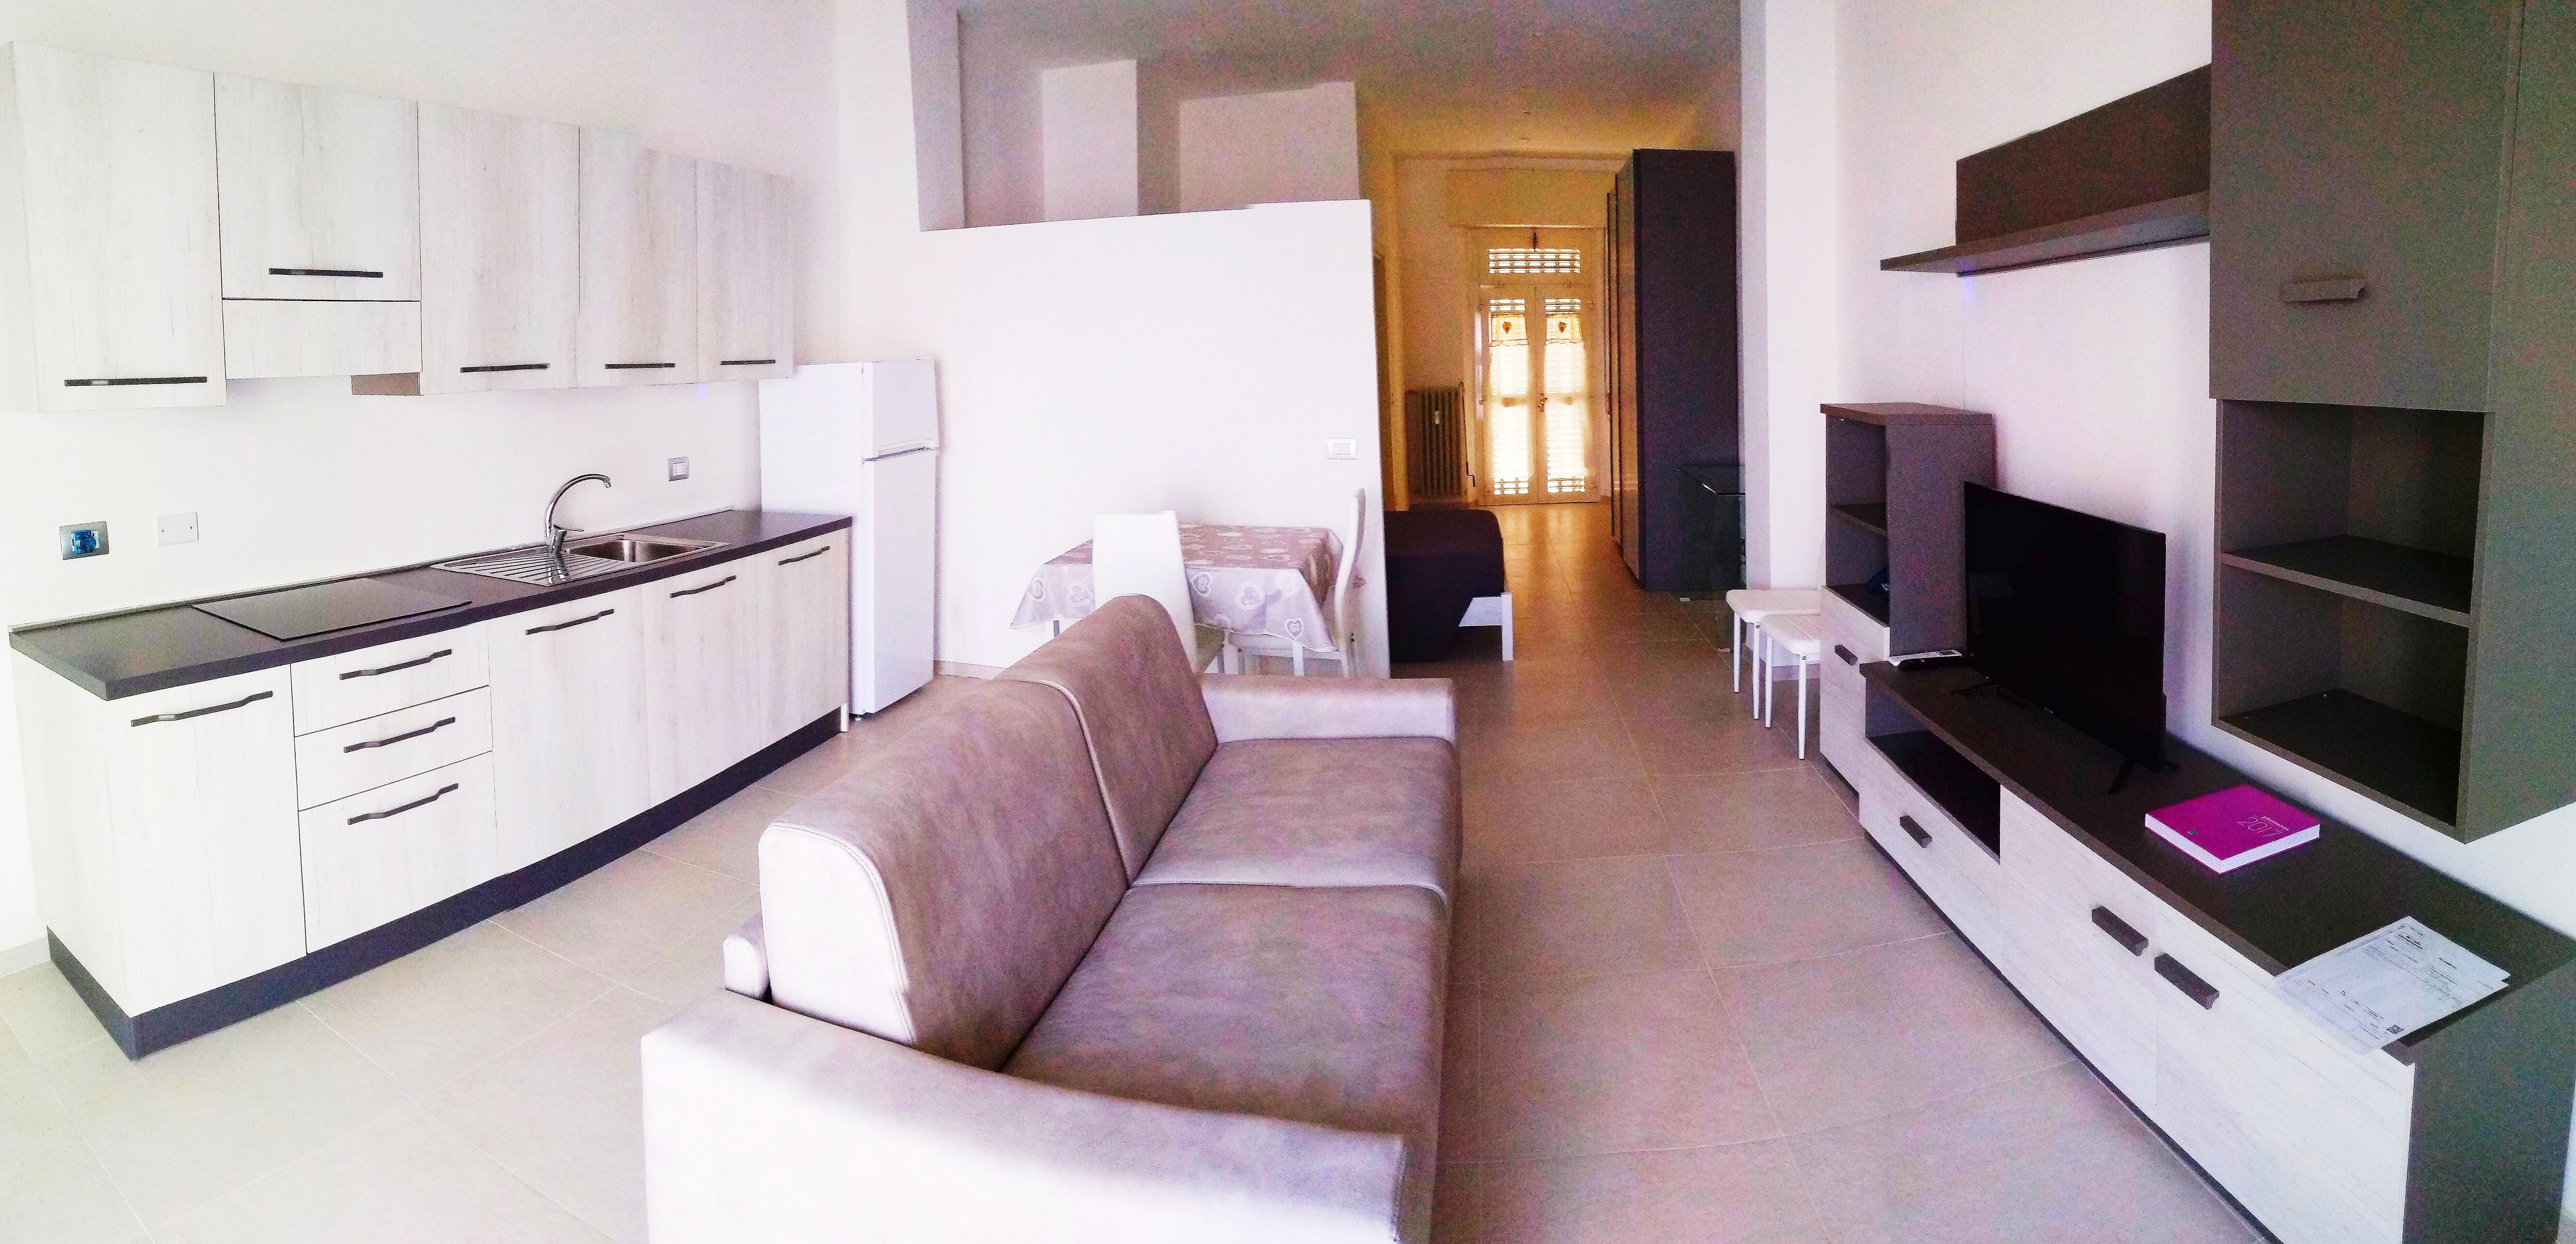 Suite Terme Apartment - Zero Barriere - Piemont Ferienwohnung in Italien